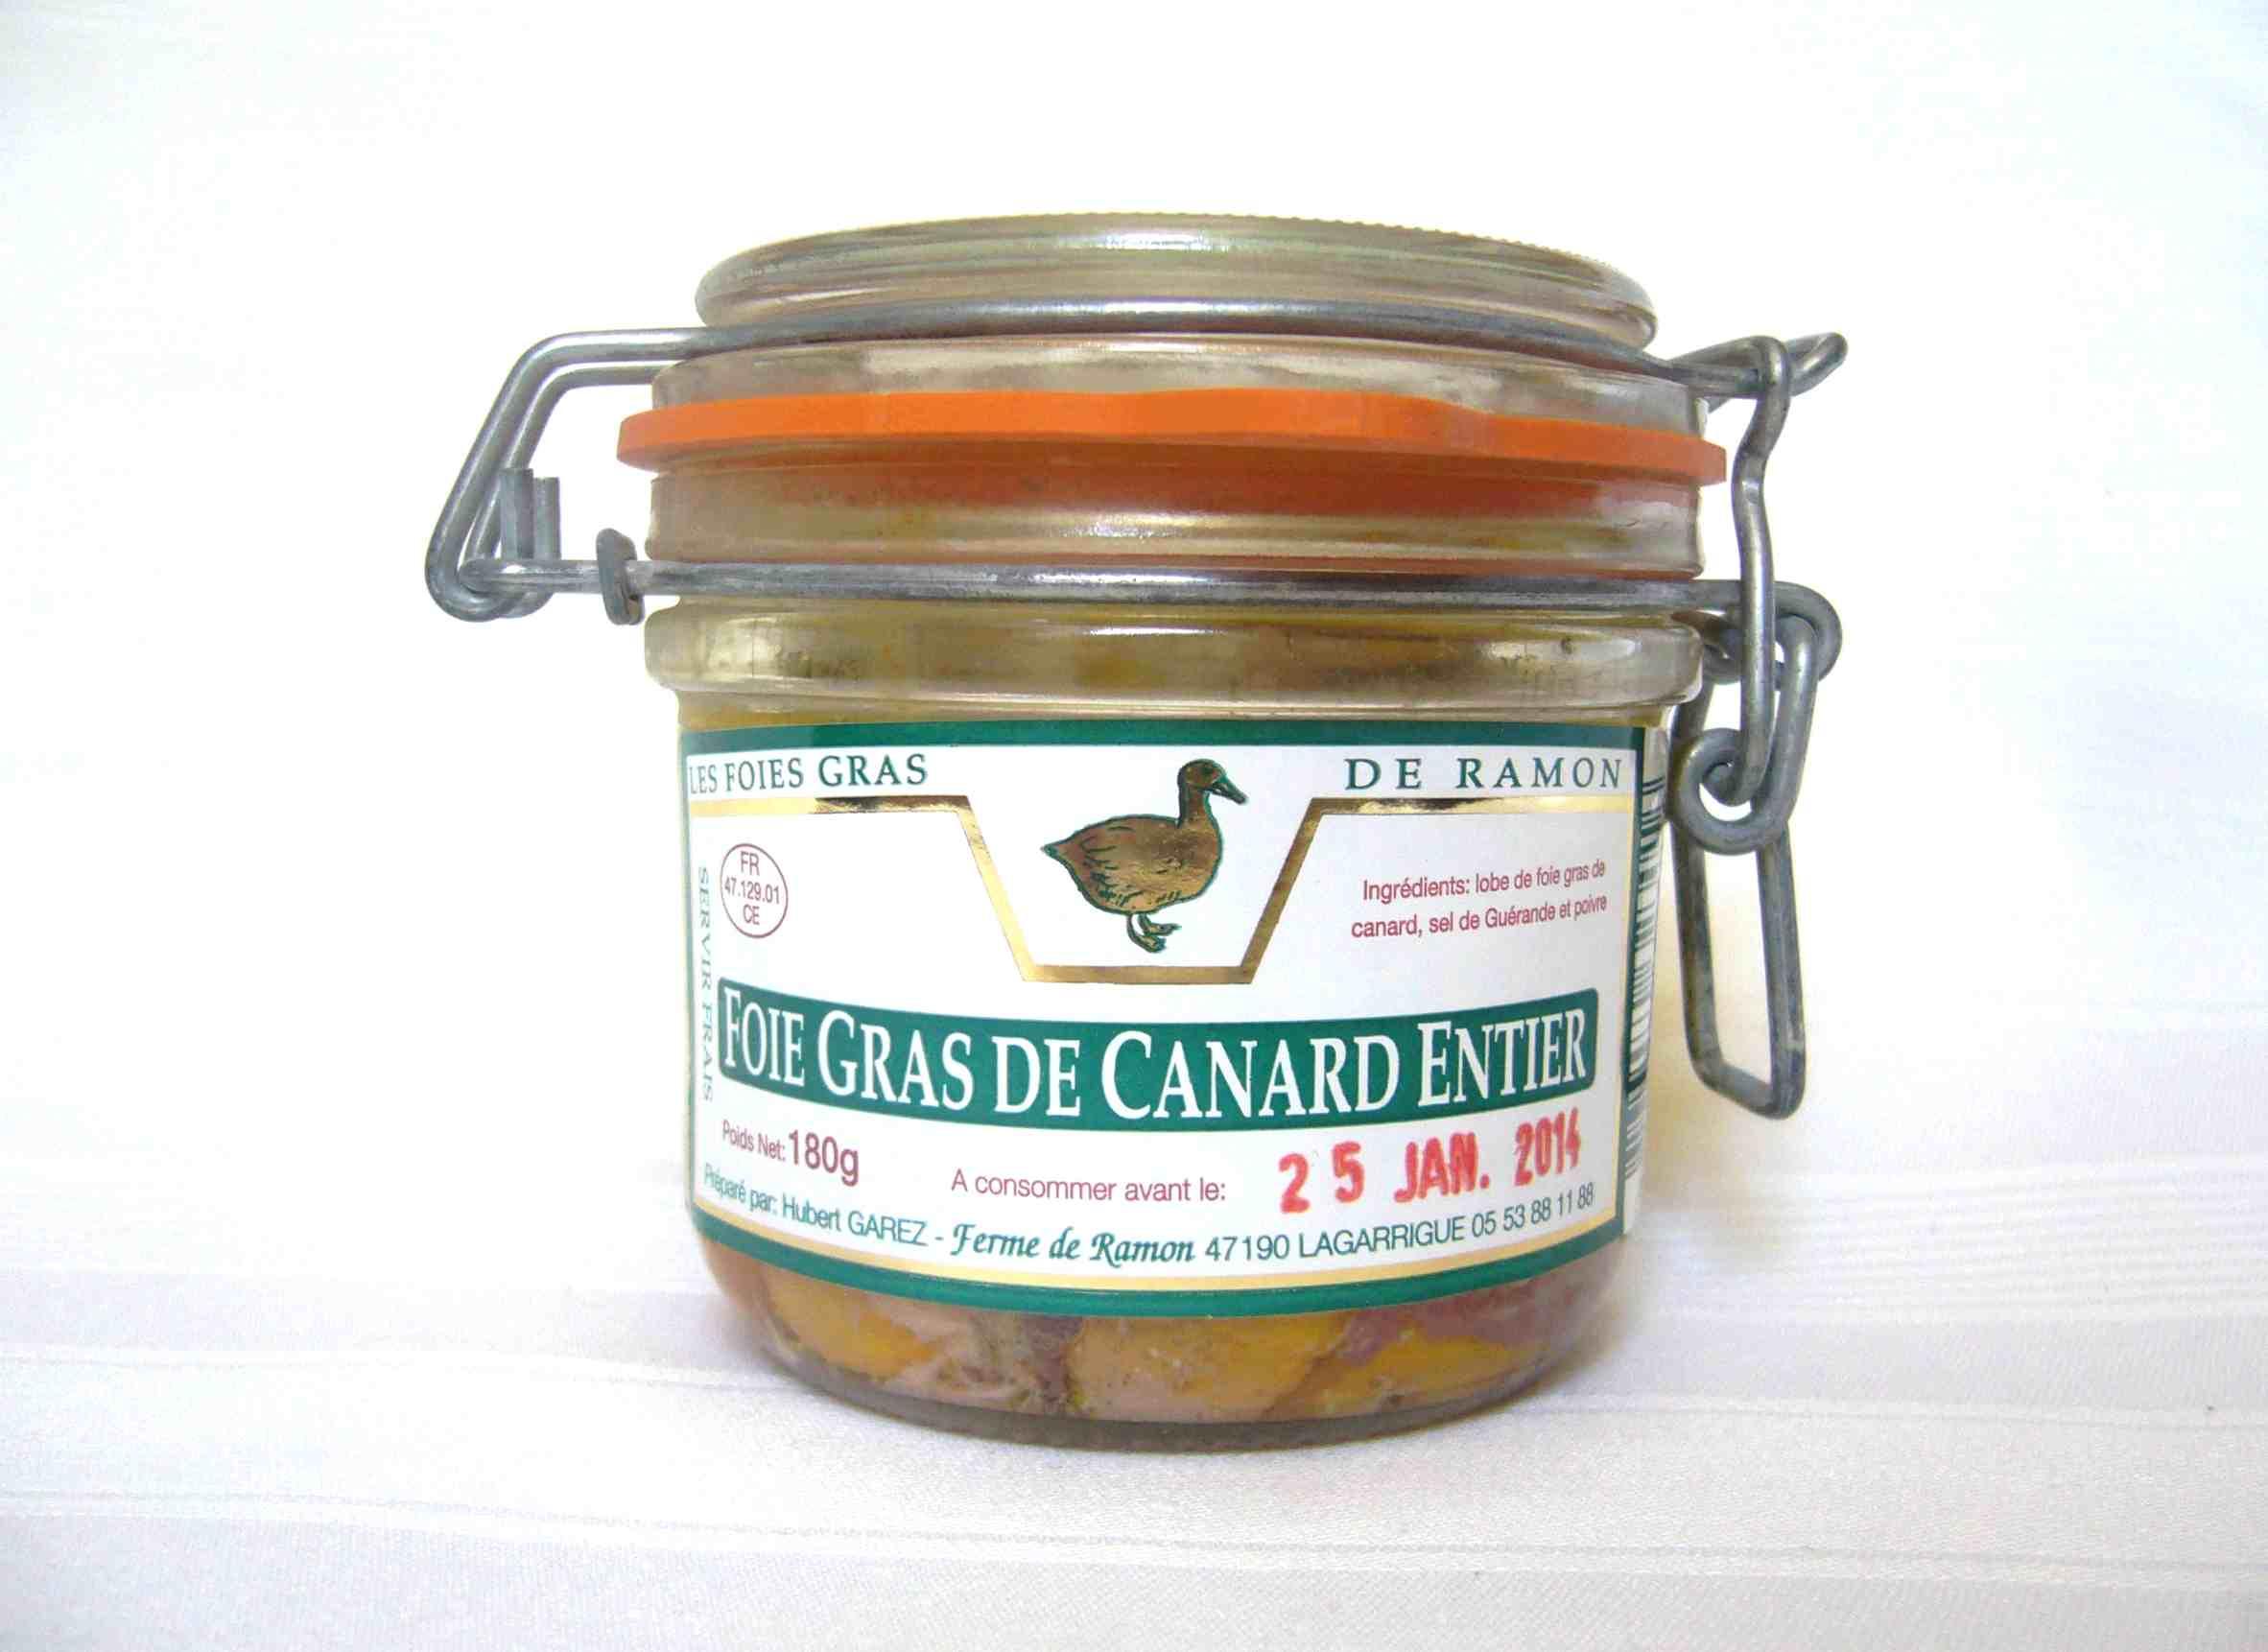 Produit - Foie gras moyen - Producteur foie gras